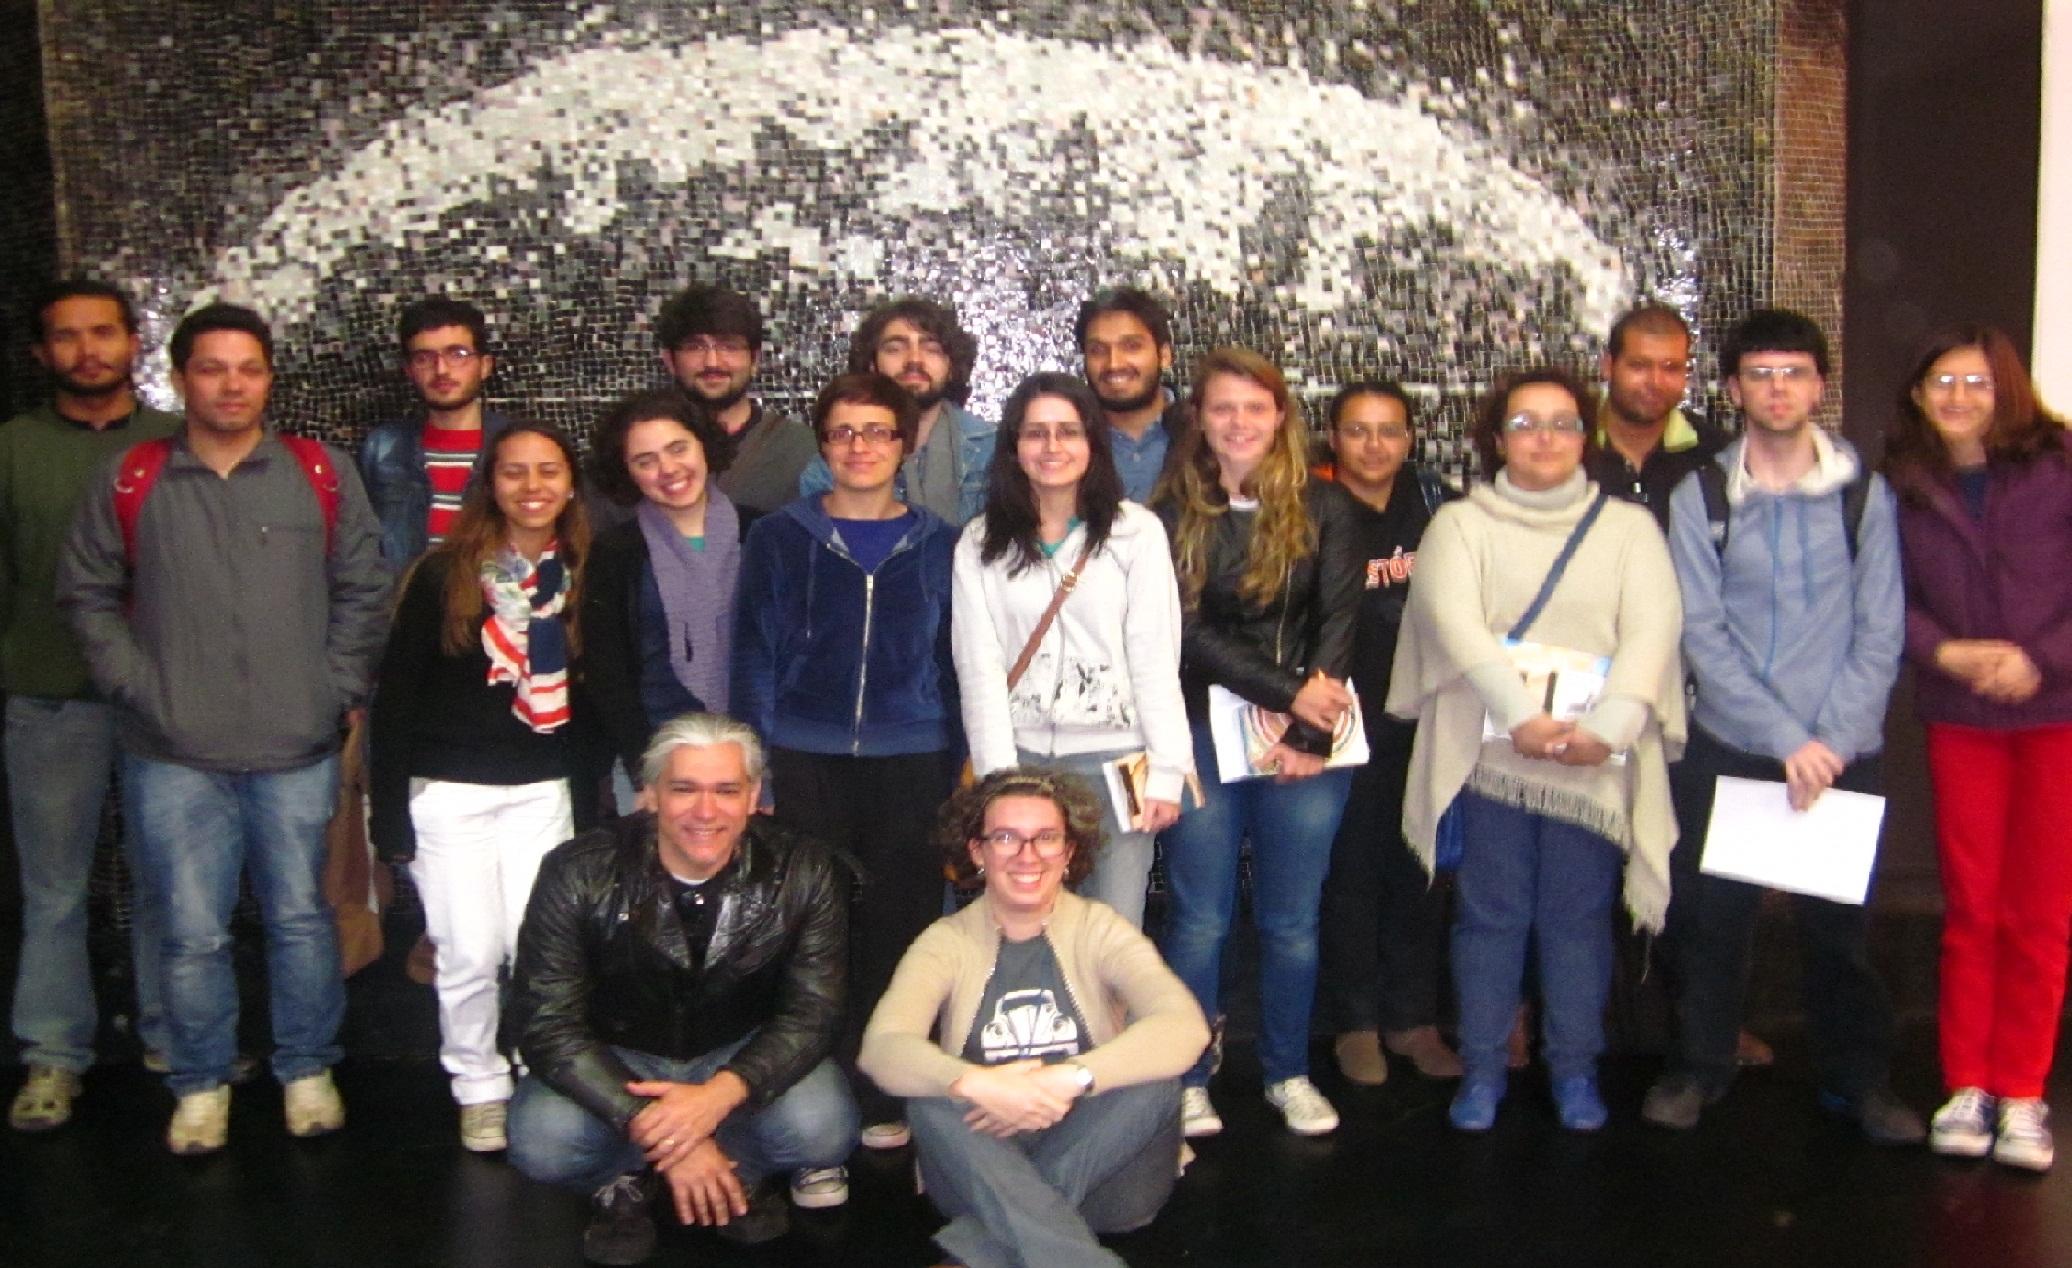 INTERCÂMBIO: no dia 27 de setembro o Arquivo recebeu parte da equipe de estagiários e supervisores do Museu Paulista. Houve um gostoso intercâmbio de experiências entre todos! A hora passou depressa e a visita se estendeu até às 19 horas.